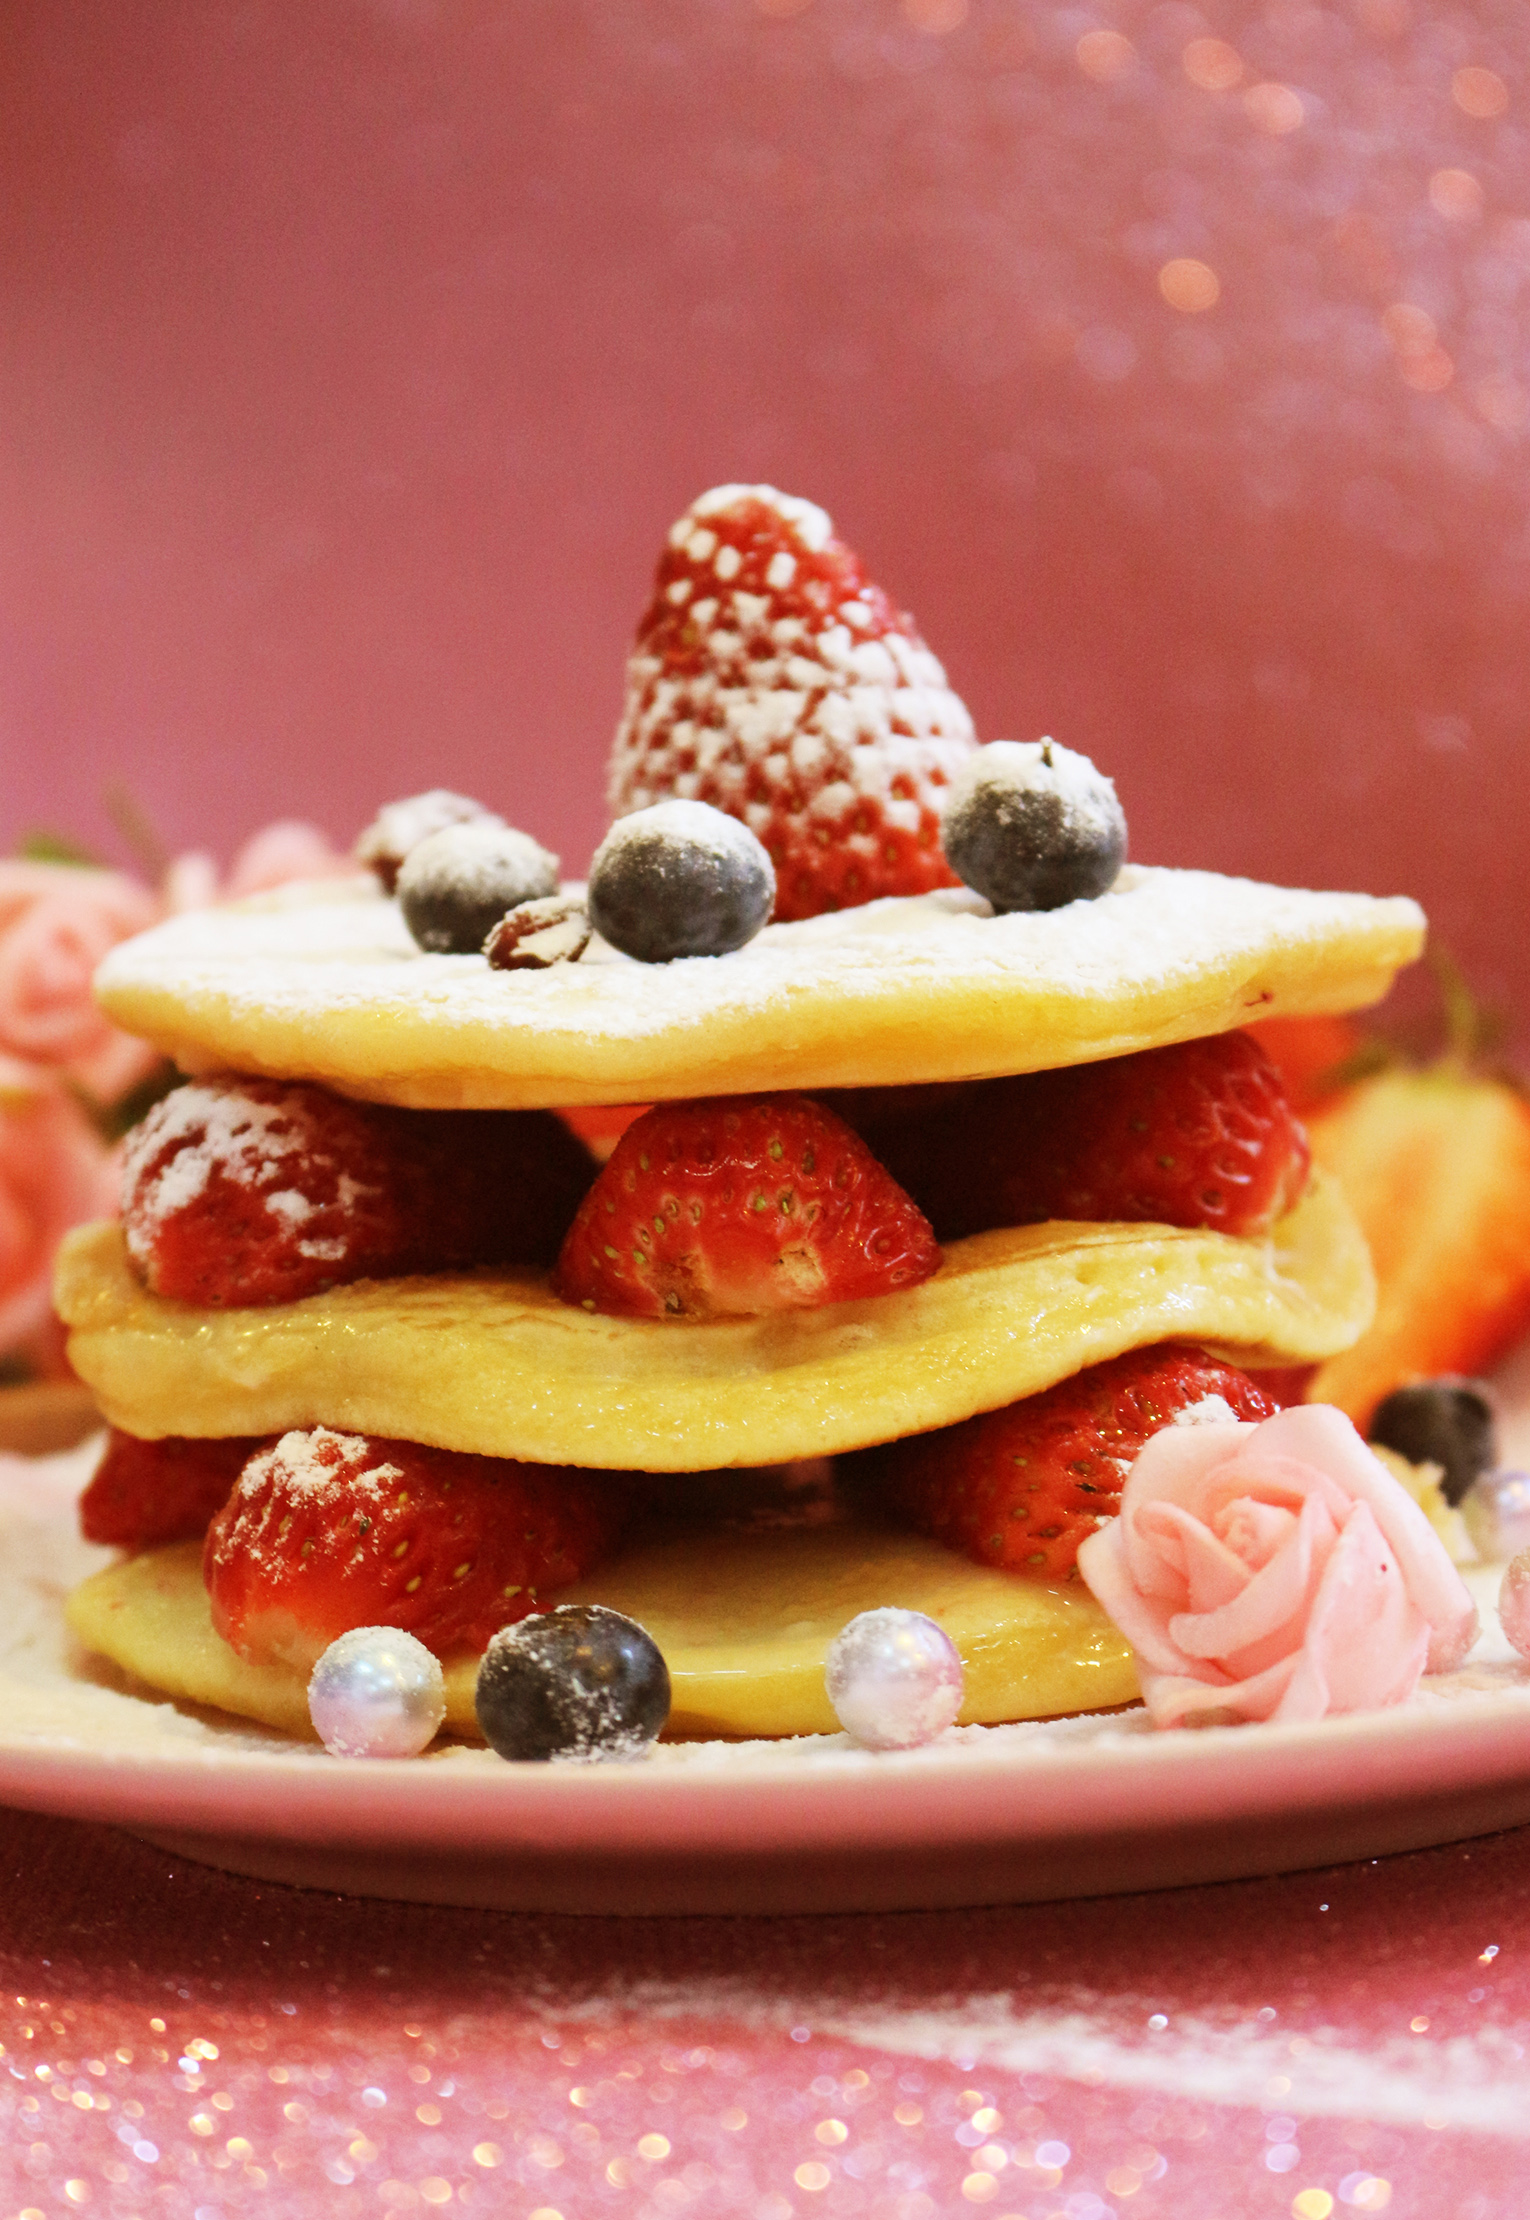 双莓松饼塔